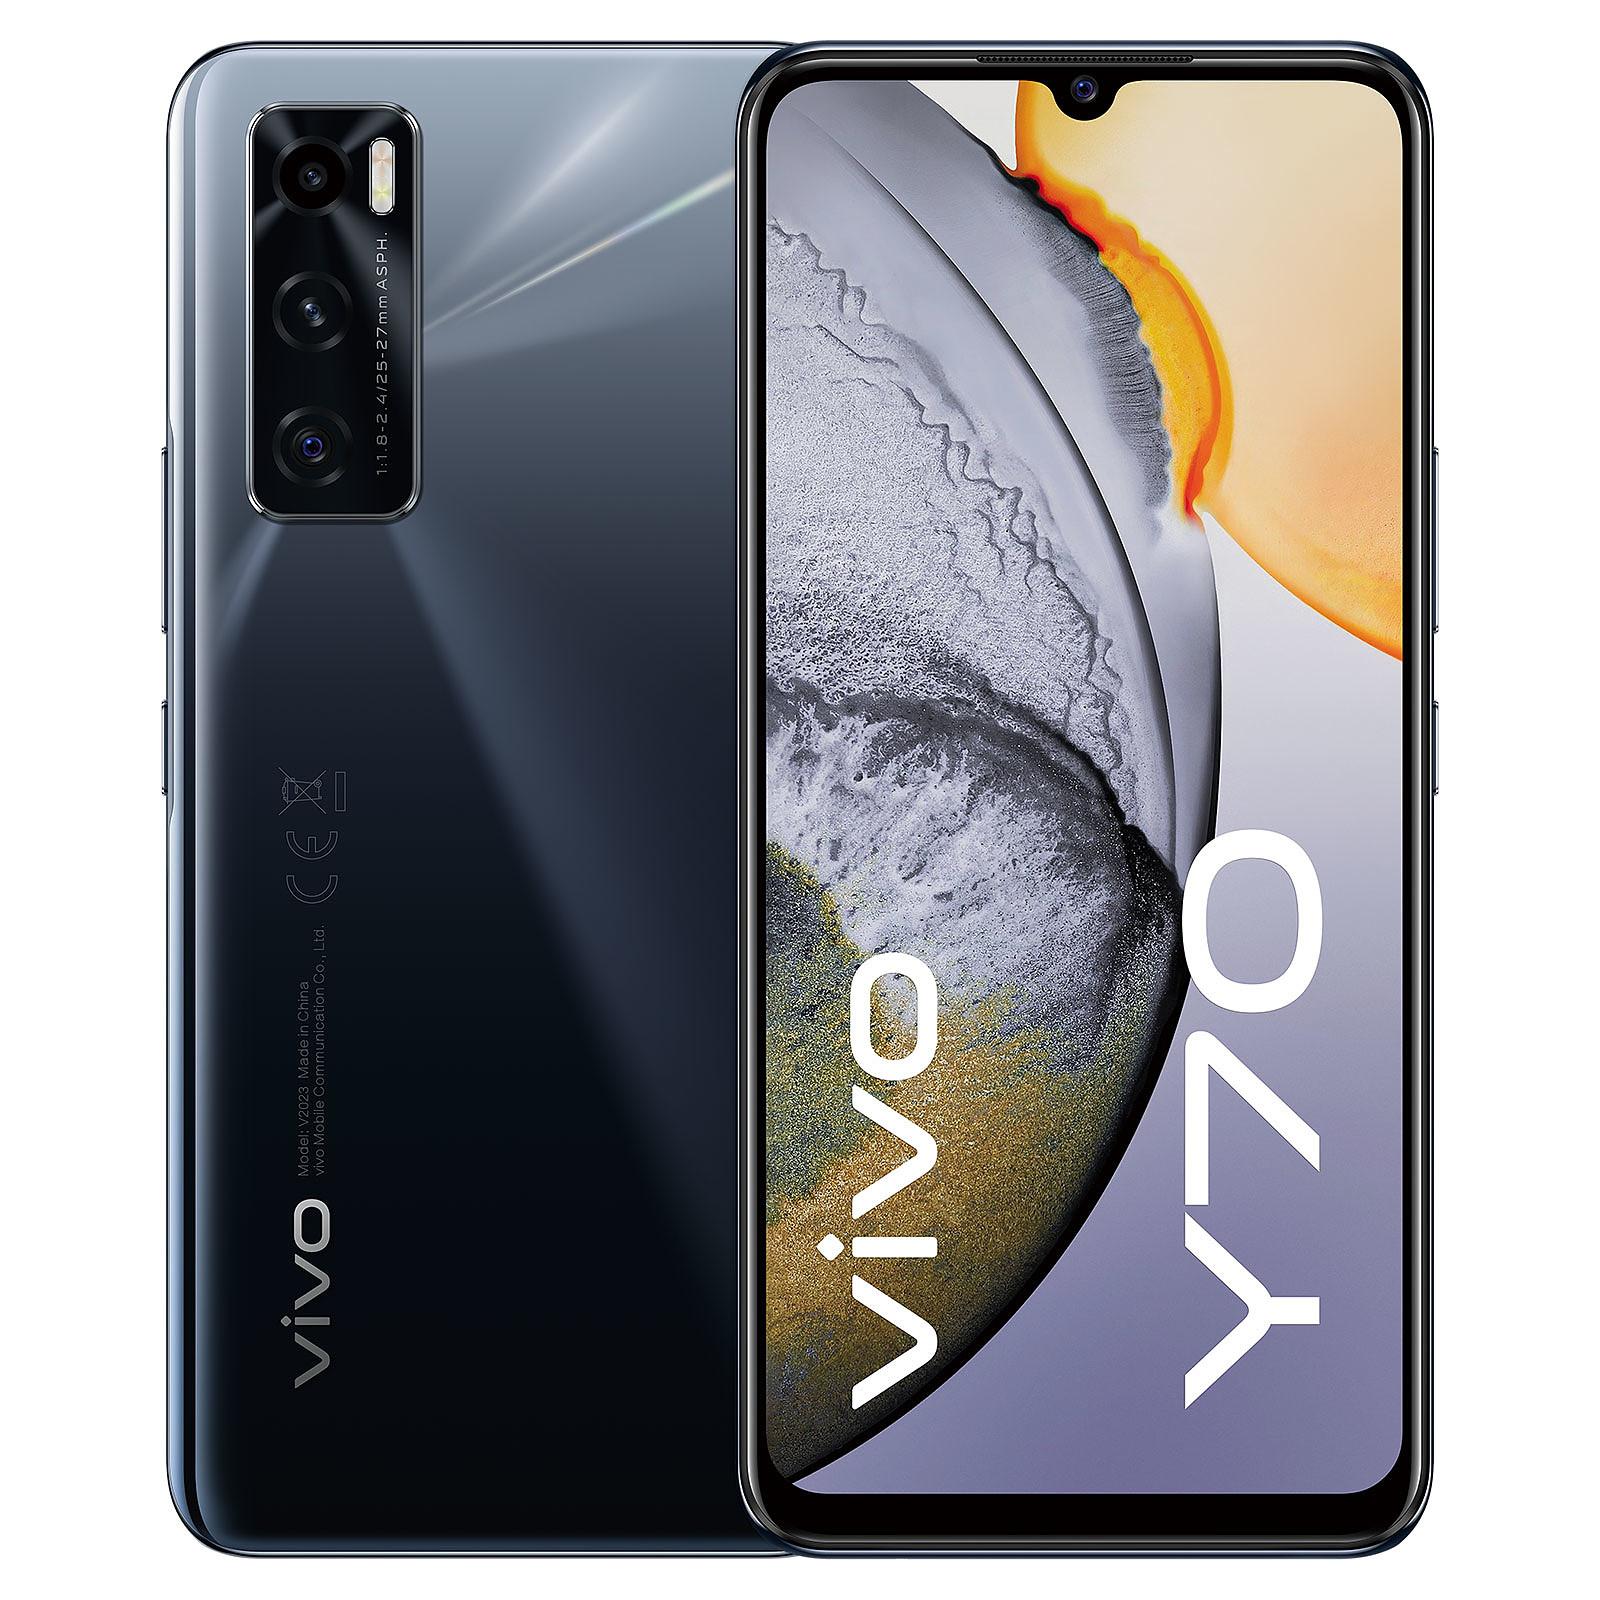 Smartphone Vivo Y70 8GB + 128GB